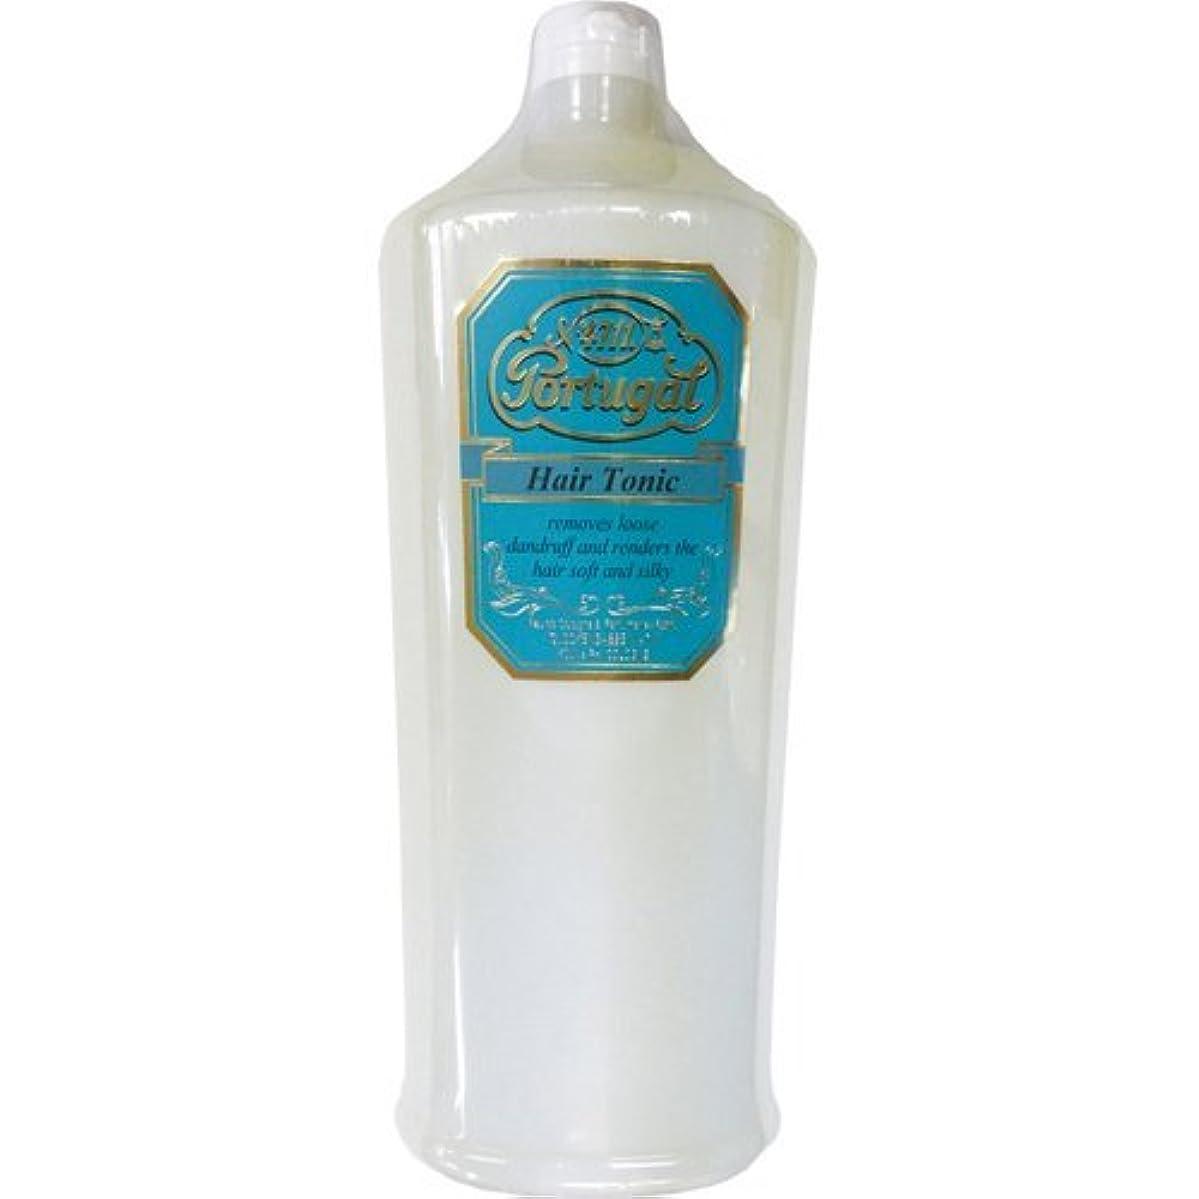 カナダ偽造レモン4711 ポーチュガル ヘアトニック 950ml